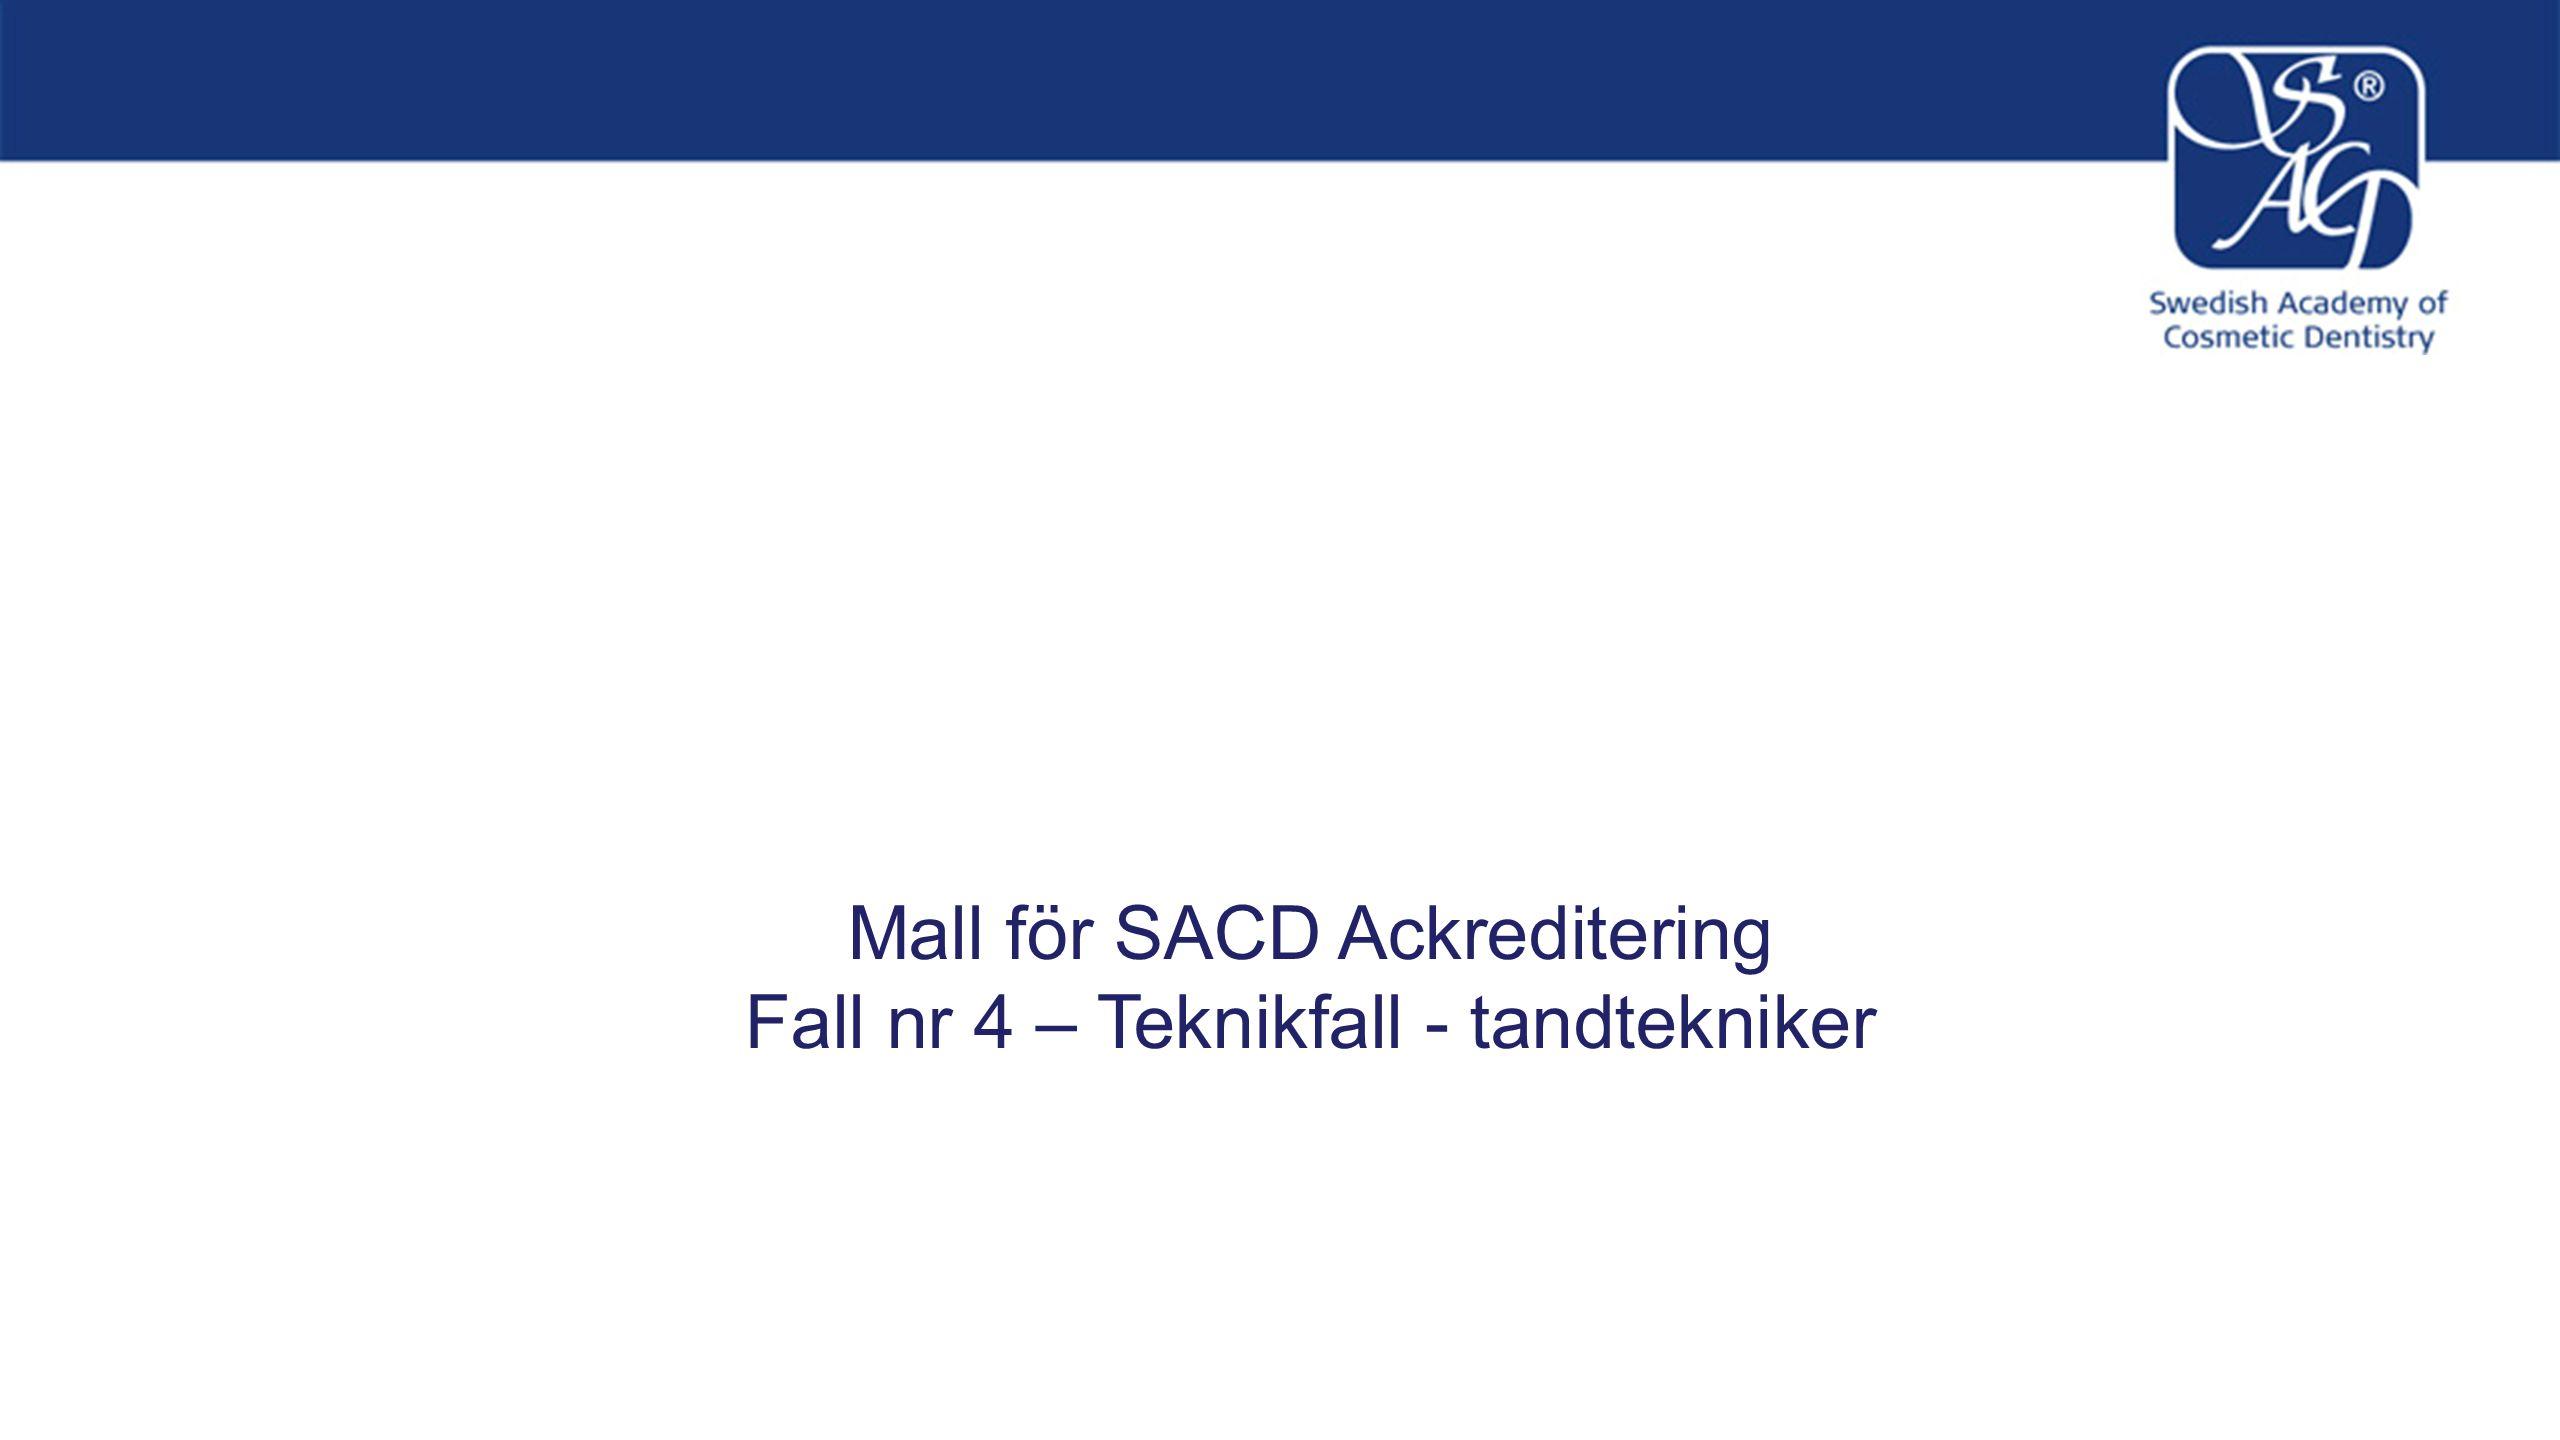 Mall för SACD Ackreditering Fall Nr.